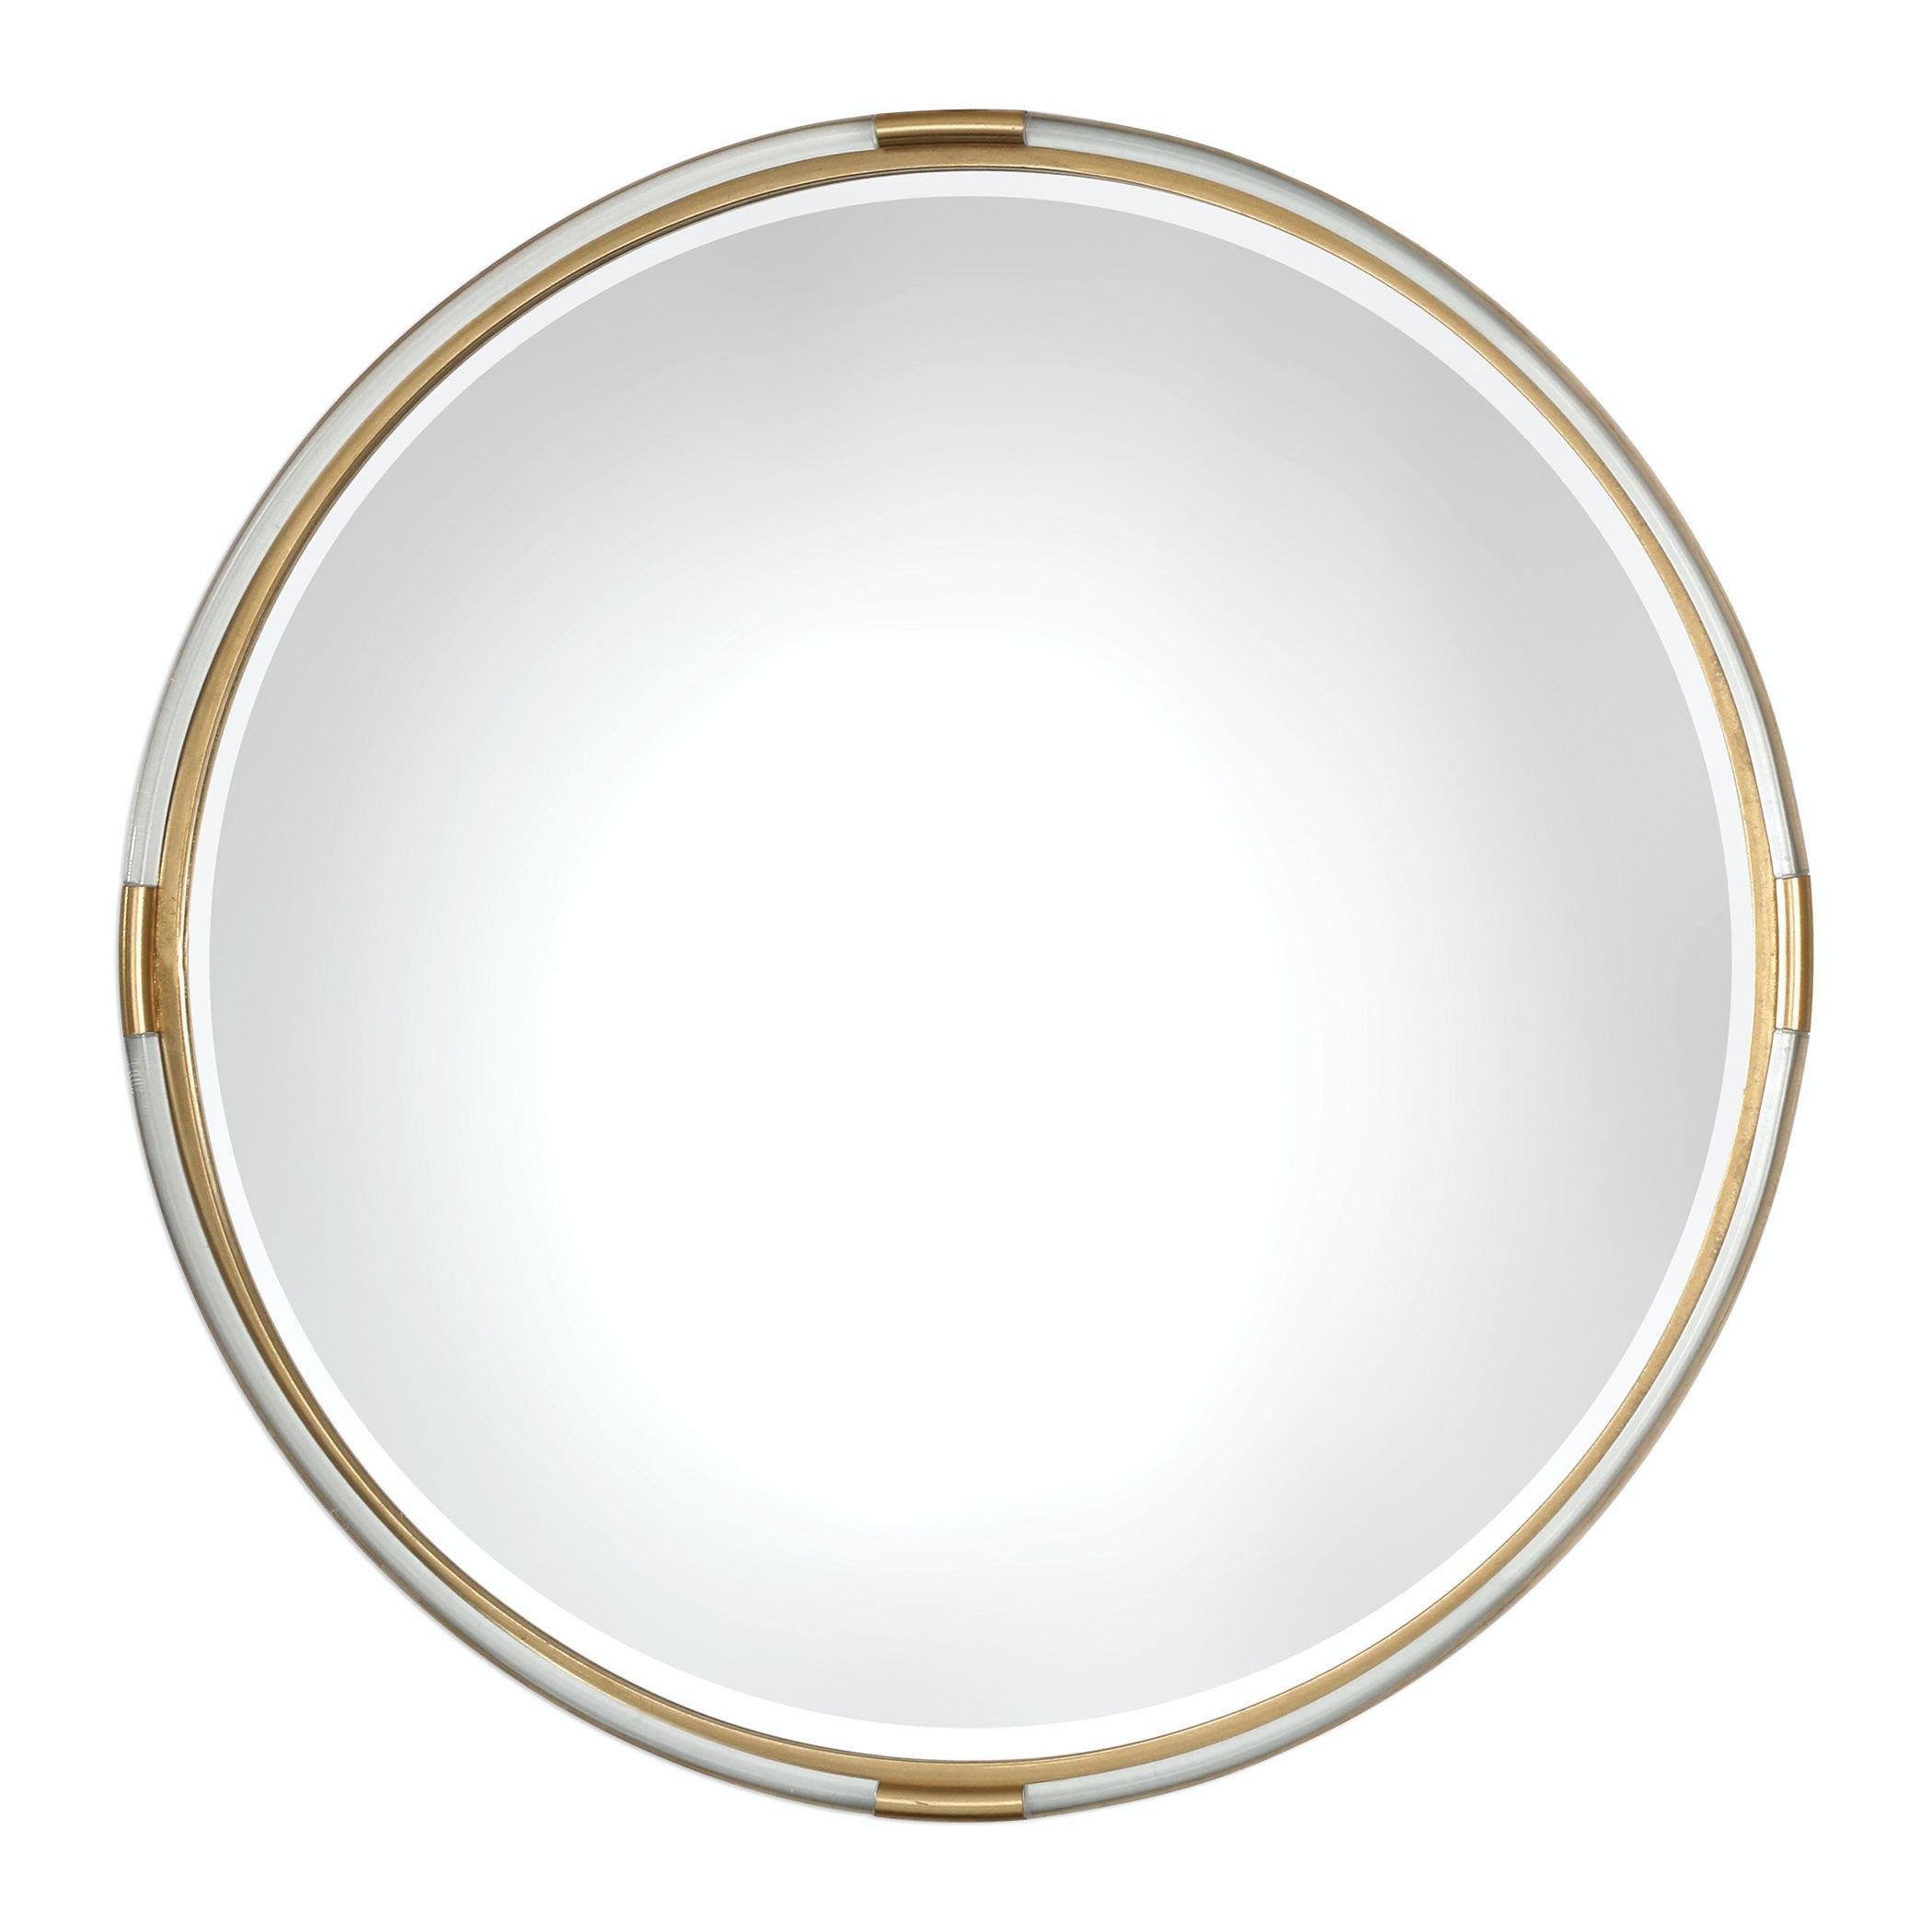 round gold mirror ornate uttermost mackai round gold mirror 09333 accessories wells home